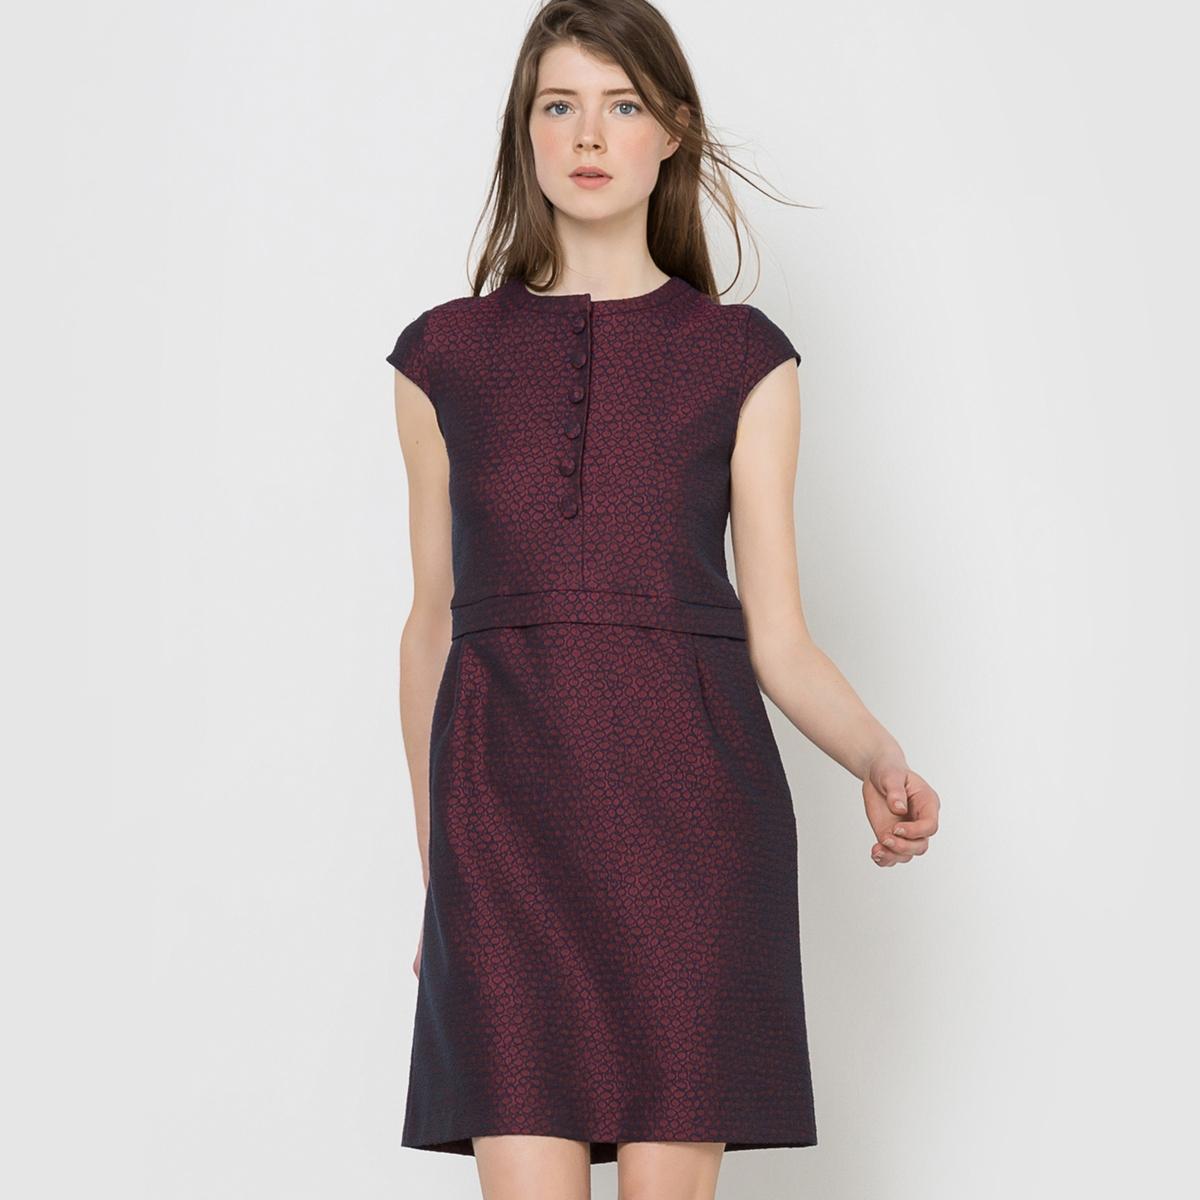 Платье жаккардовоеСостав и описание :Материал : 63% полиэстера, 35% хлопка, 2% эластана.Длина : 90 смМарка : MADEMOISELLE R.<br><br>Цвет: набивной рисунок<br>Размер: 36 (FR) - 42 (RUS)